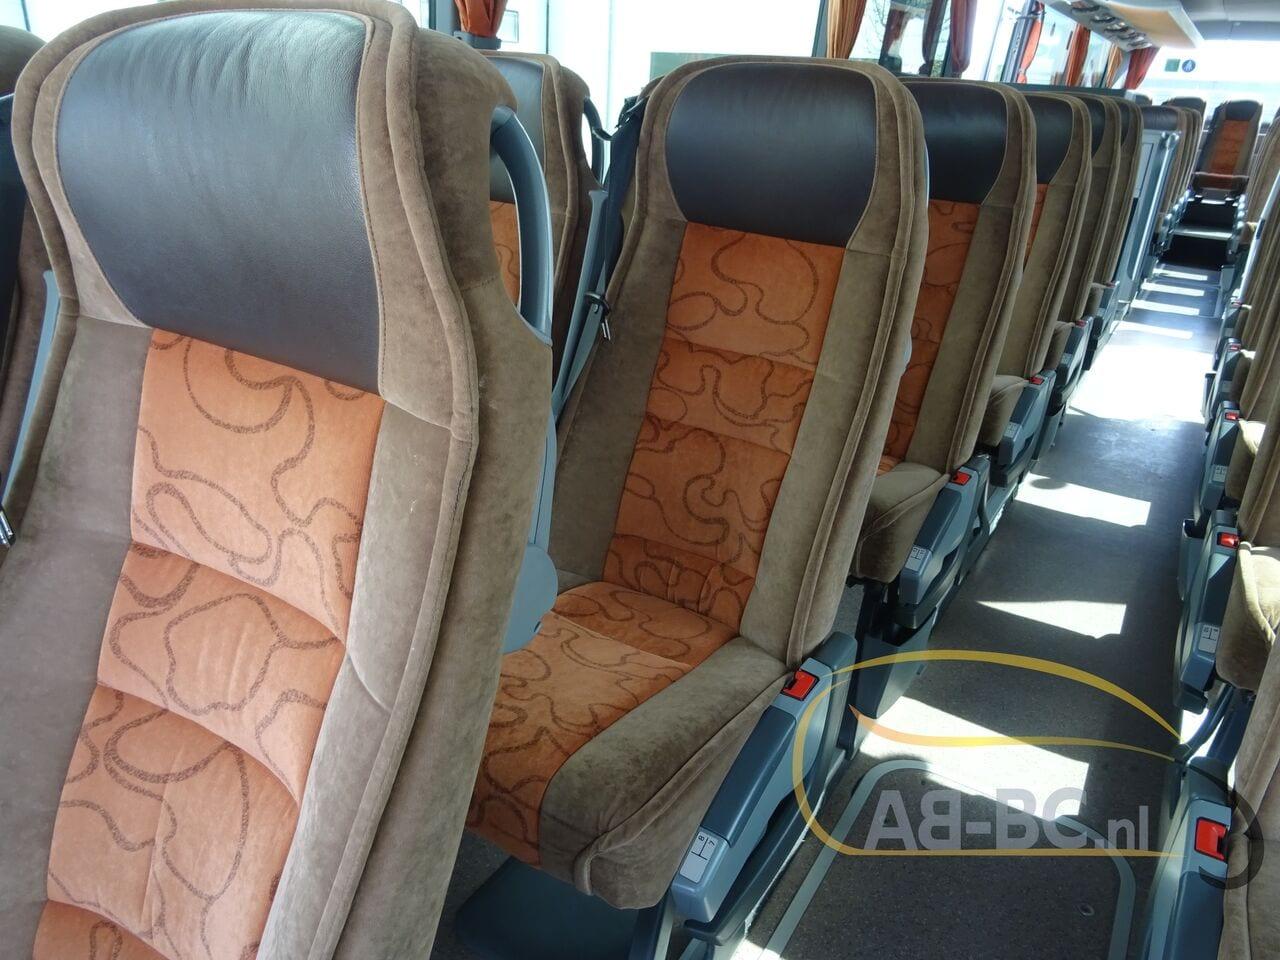 coach-busSETRA-S416H-48-SEATS-LIFTBUS---1620309877160909977_big_6cb593d54796261b974ec41e2bf67d30--21050616581387095000